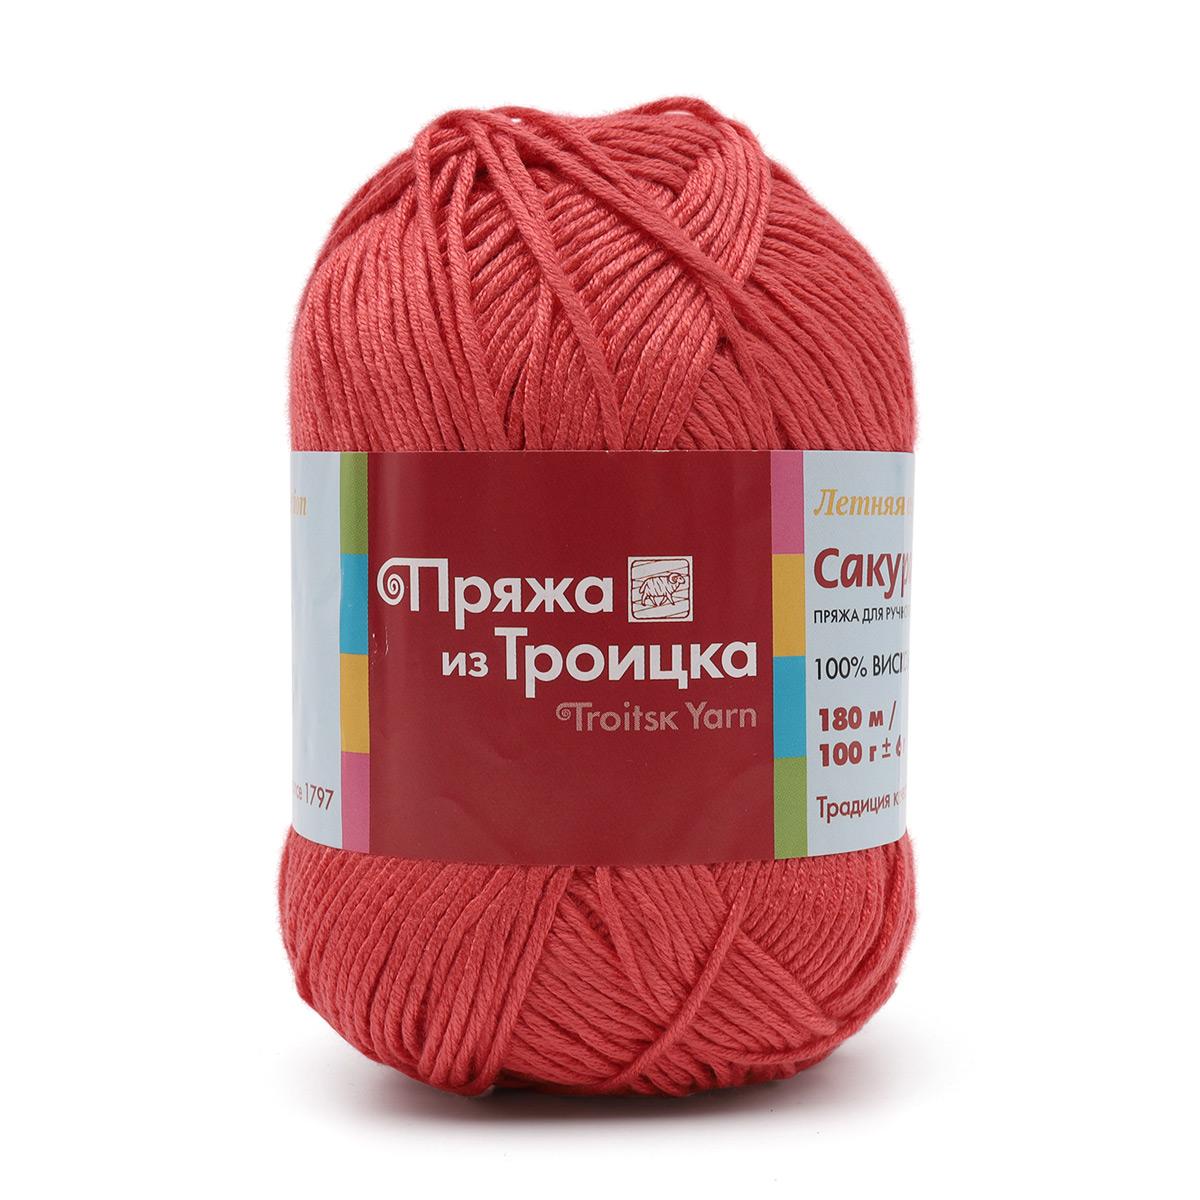 """Пряжа из Троицка """"Сакура"""" 100гр. 180м. (100% вискоза)"""